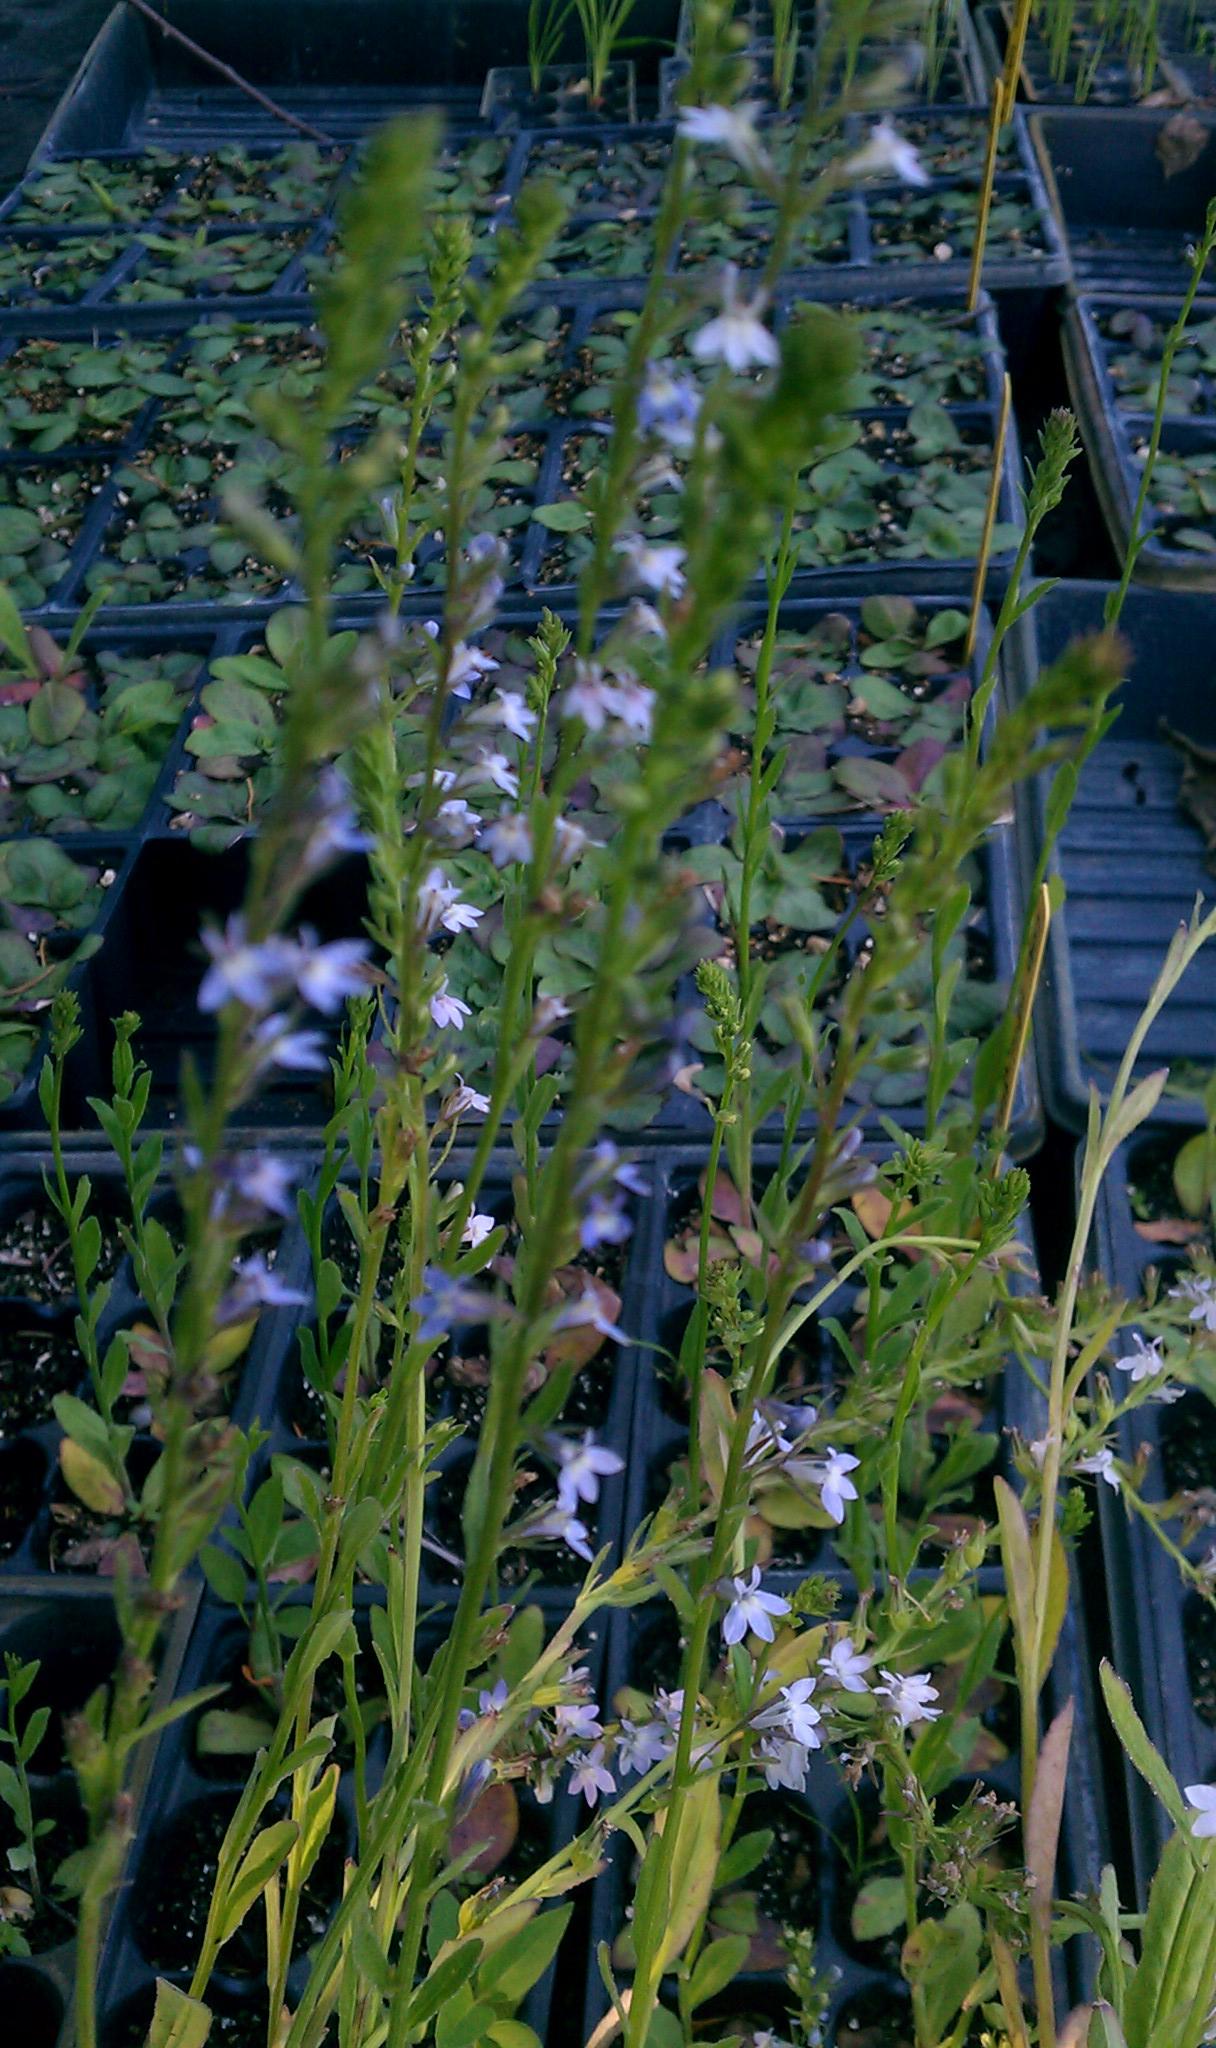 Oblong Plant Pots